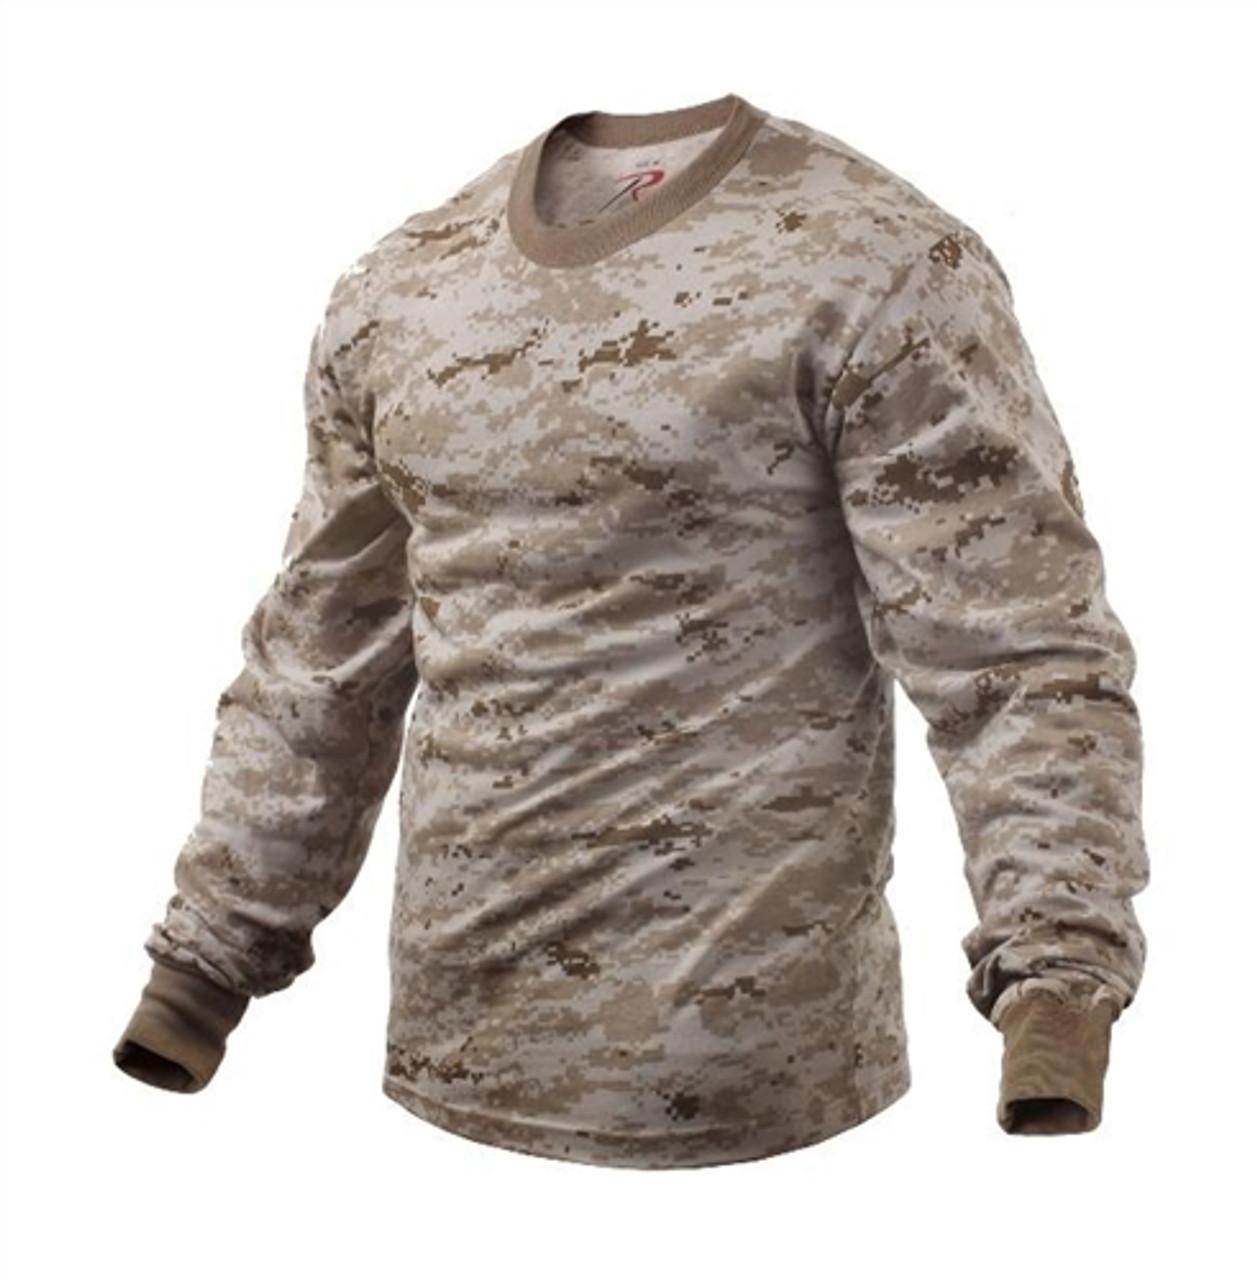 Long Sleeve Desert Digital Camo T-Shirt from Hessen Tactical